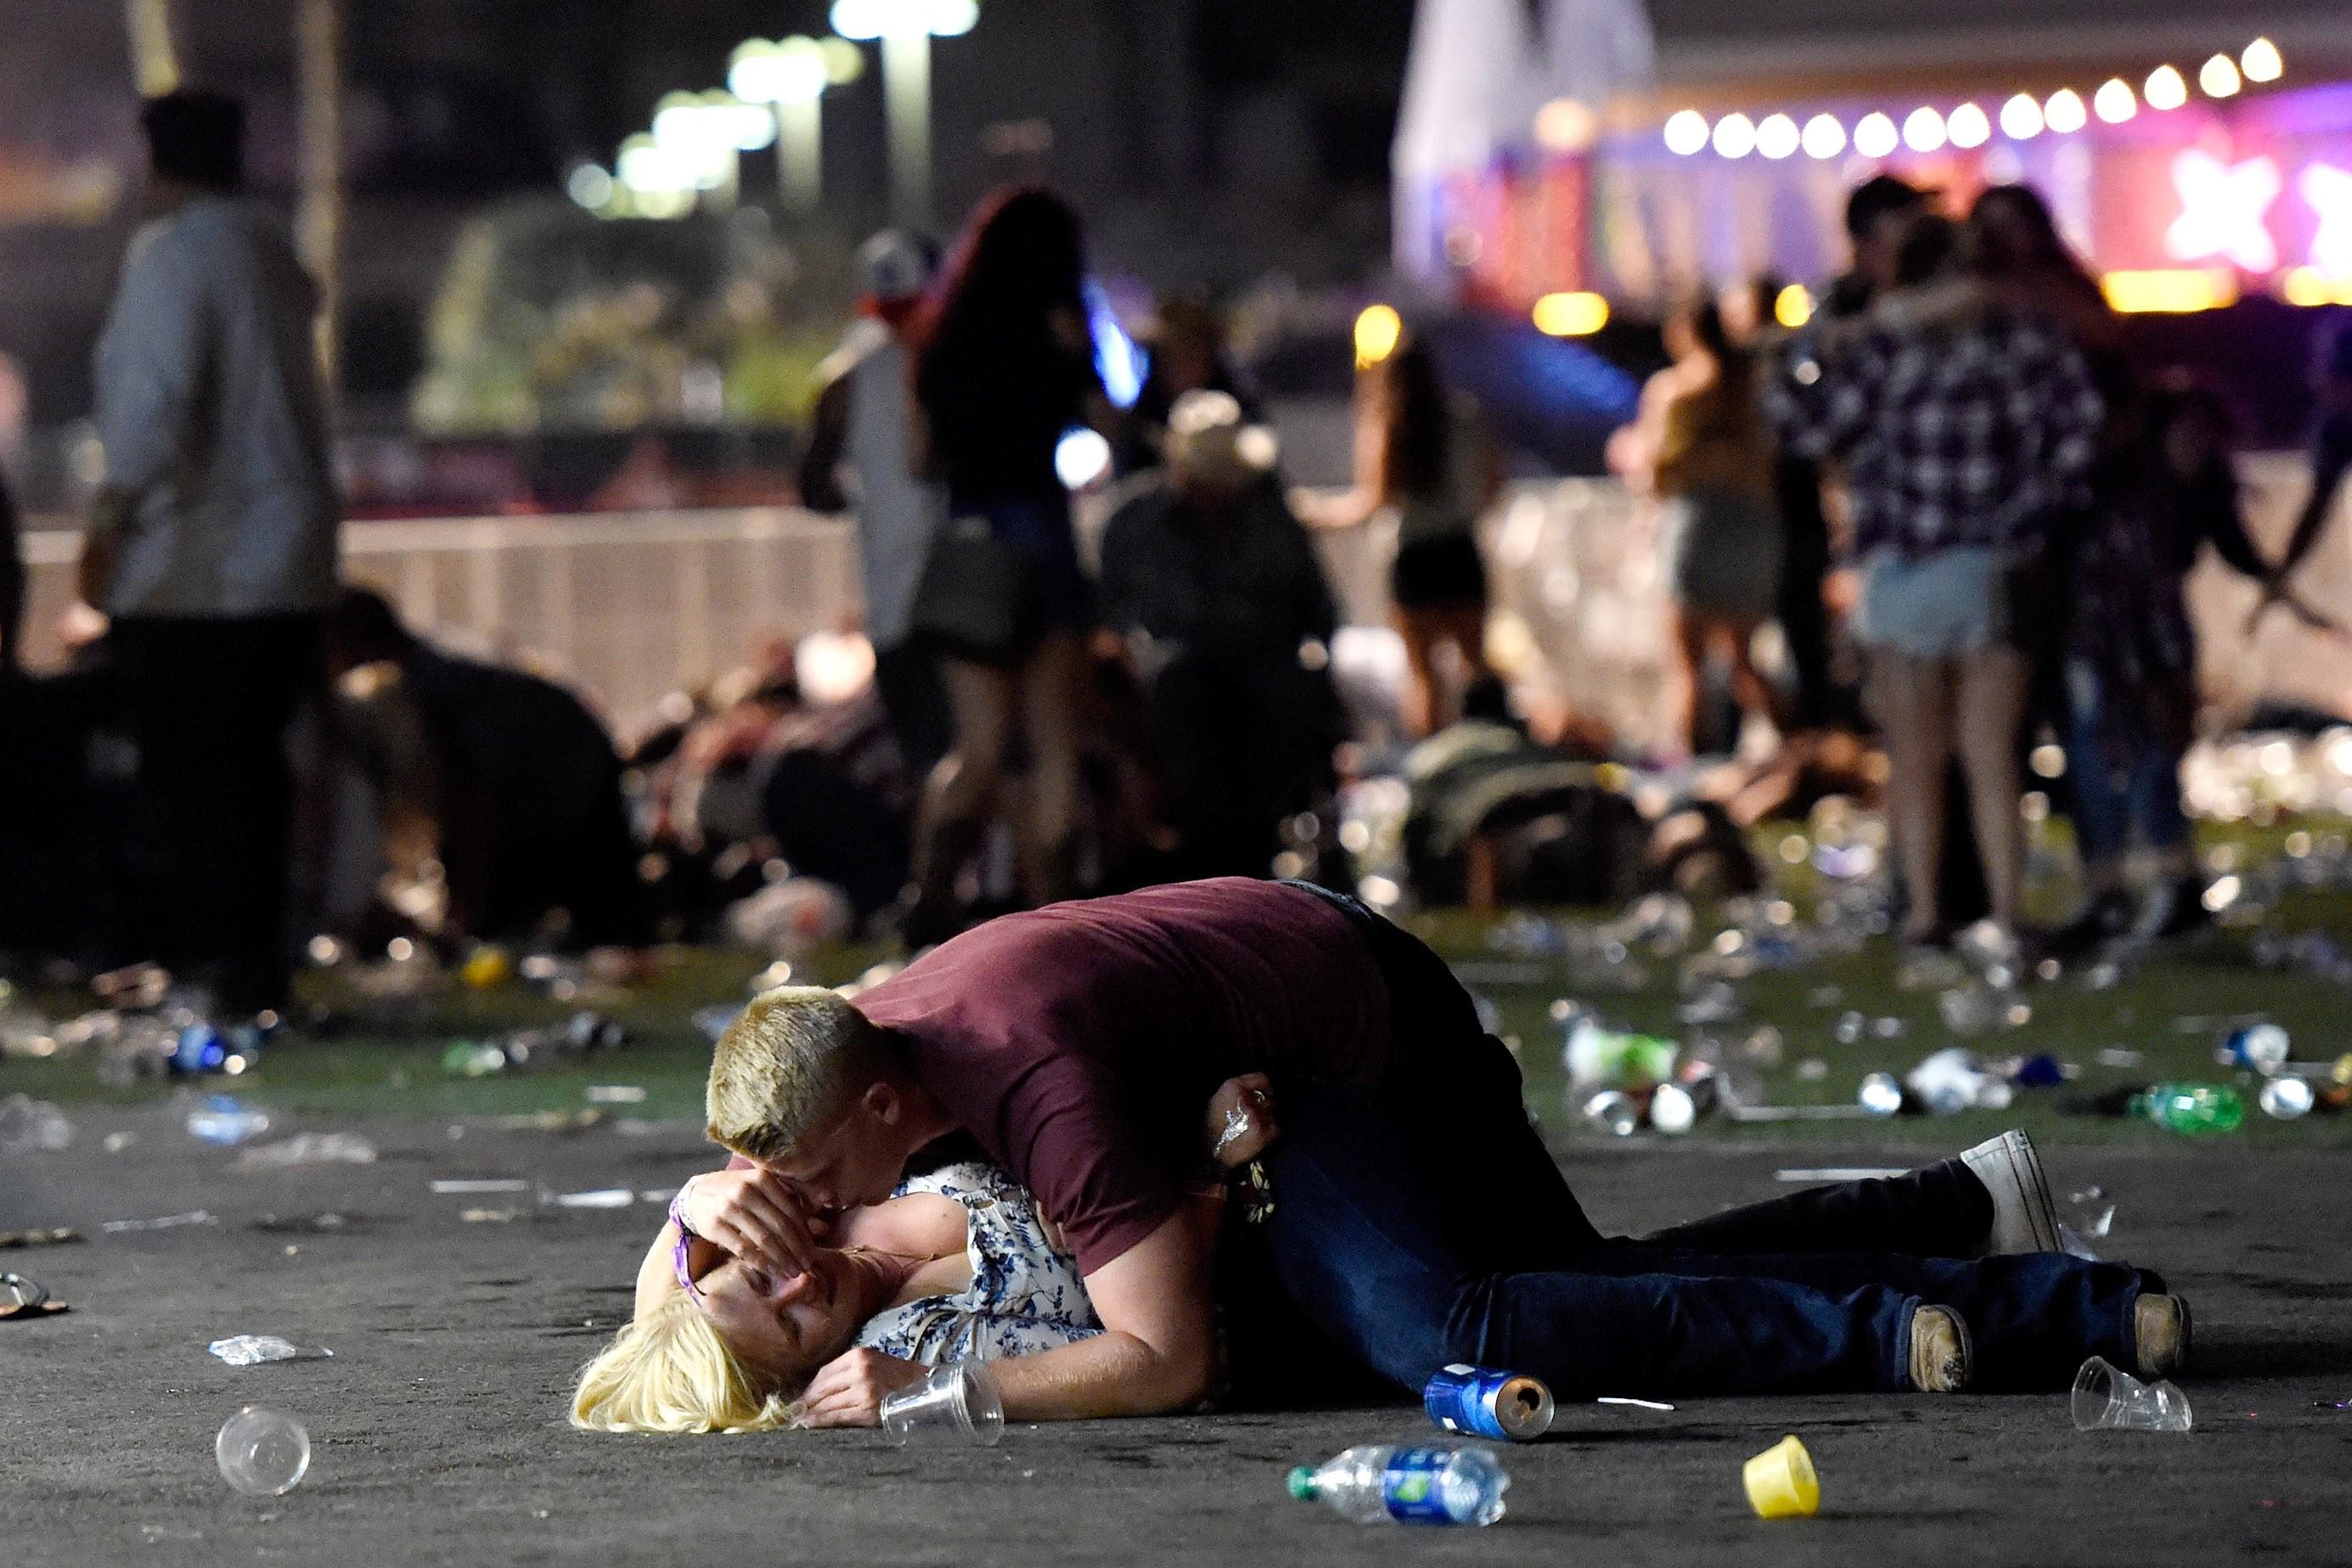 Foto feita no atentado de Las Vegas, em outubro de 2017 (Foto: David Becker/Getty Images)